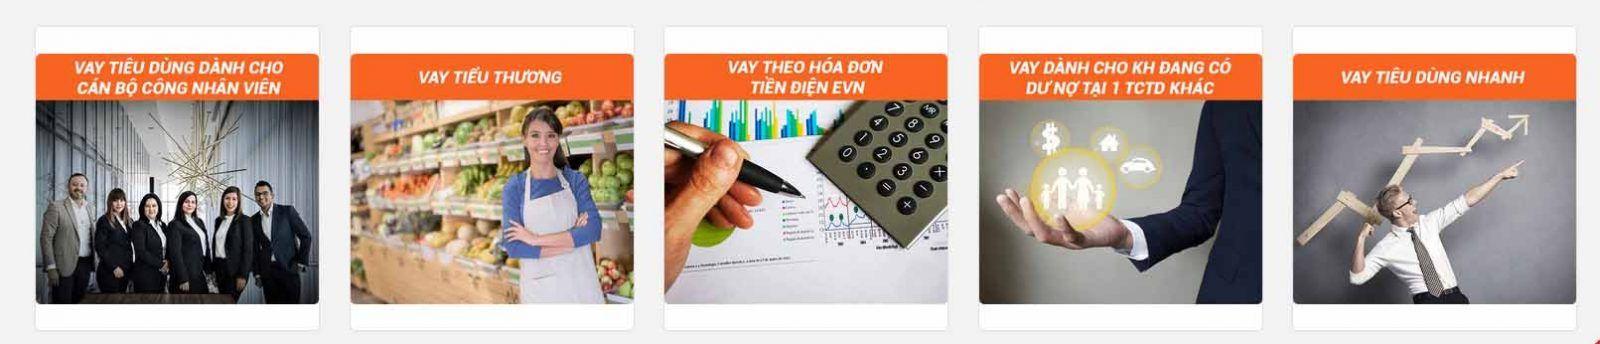 Các sản phẩm vay tiền mặt và lãi suất, điểu kiện